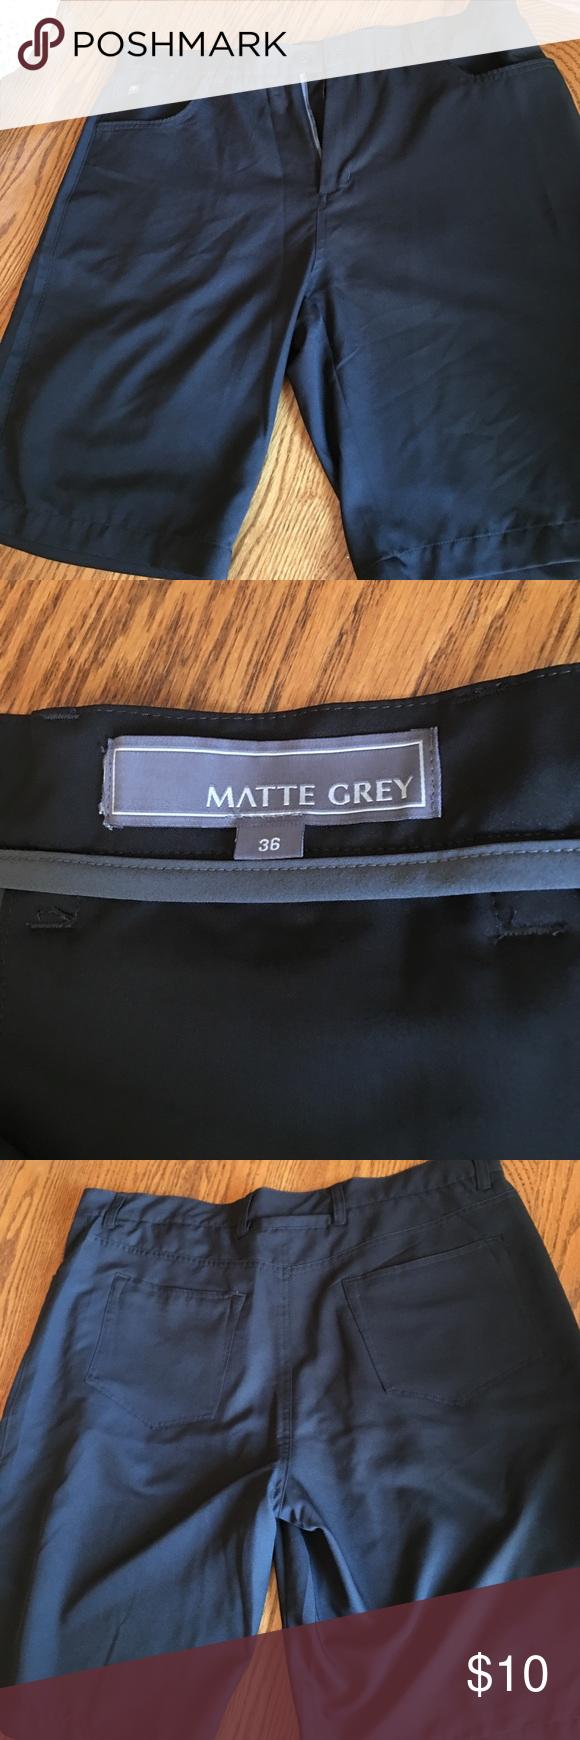 """Matte Grey golf shorts waist size 36 Light weight golf shorts. Worn once. Size 36 with 10"""" inseam. Matte Grey Shorts Flat Front"""